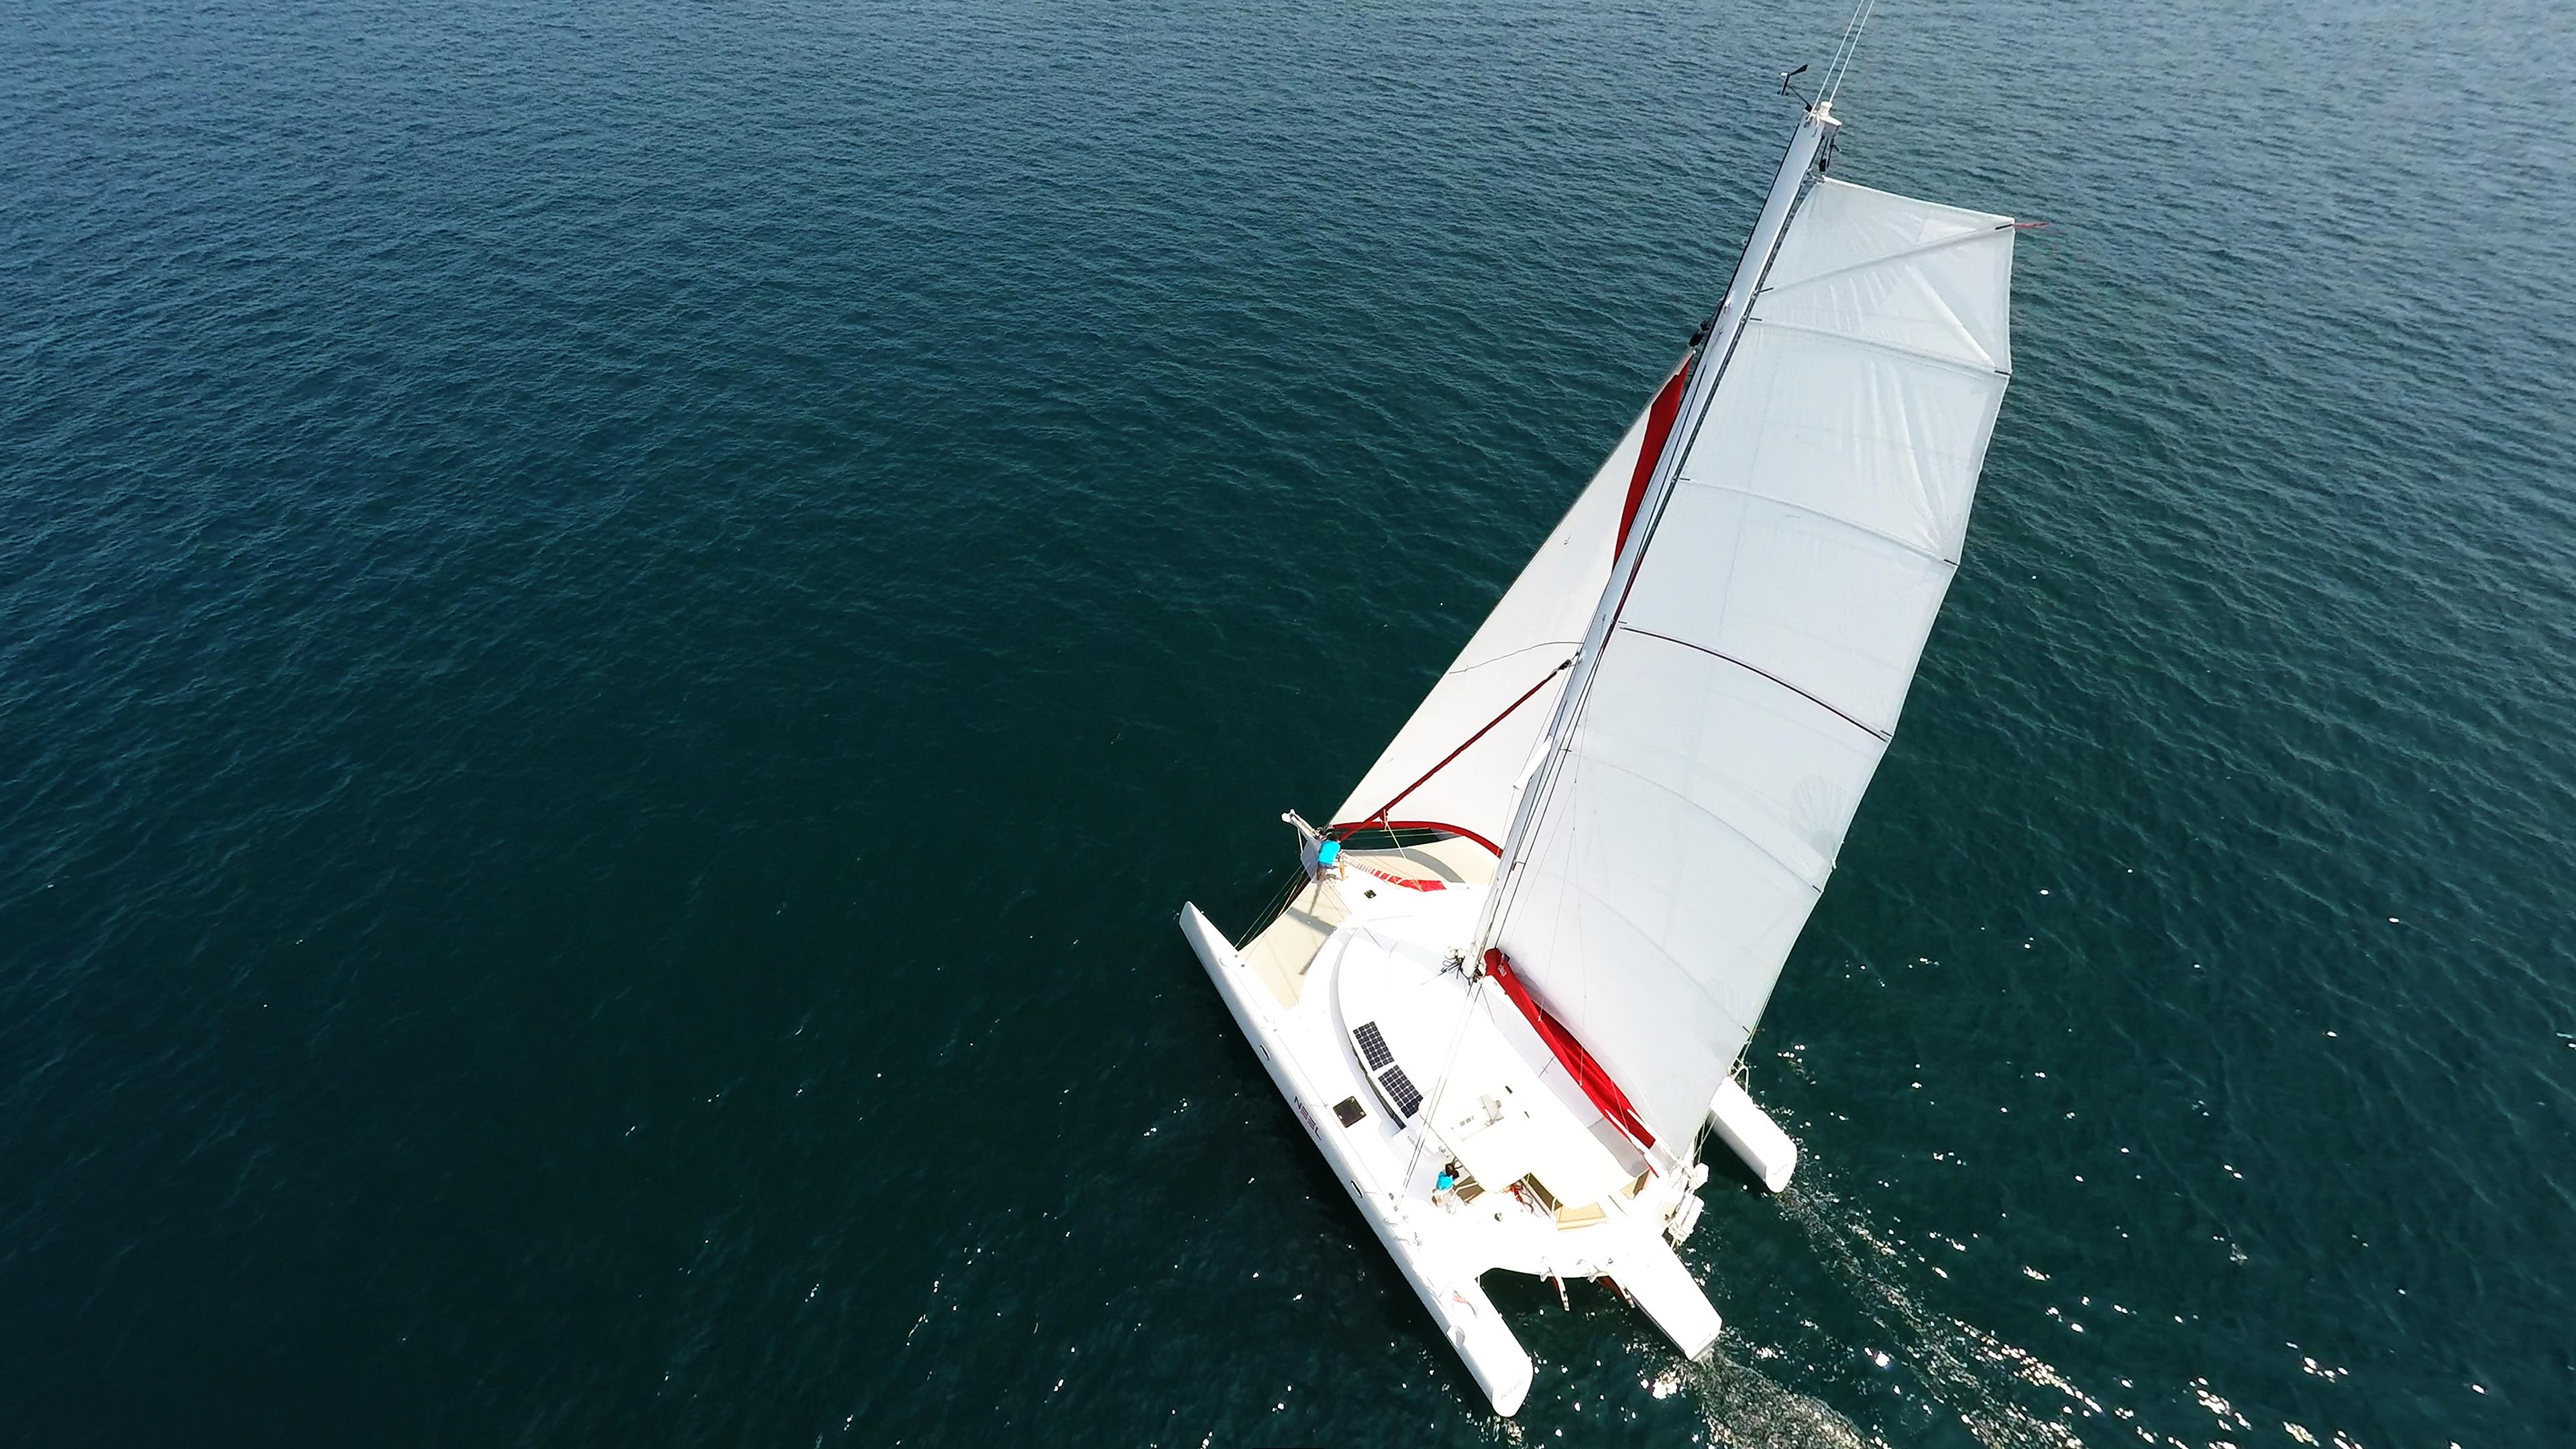 trimarano naviga a vela foto aerea di albero con appiattita randa